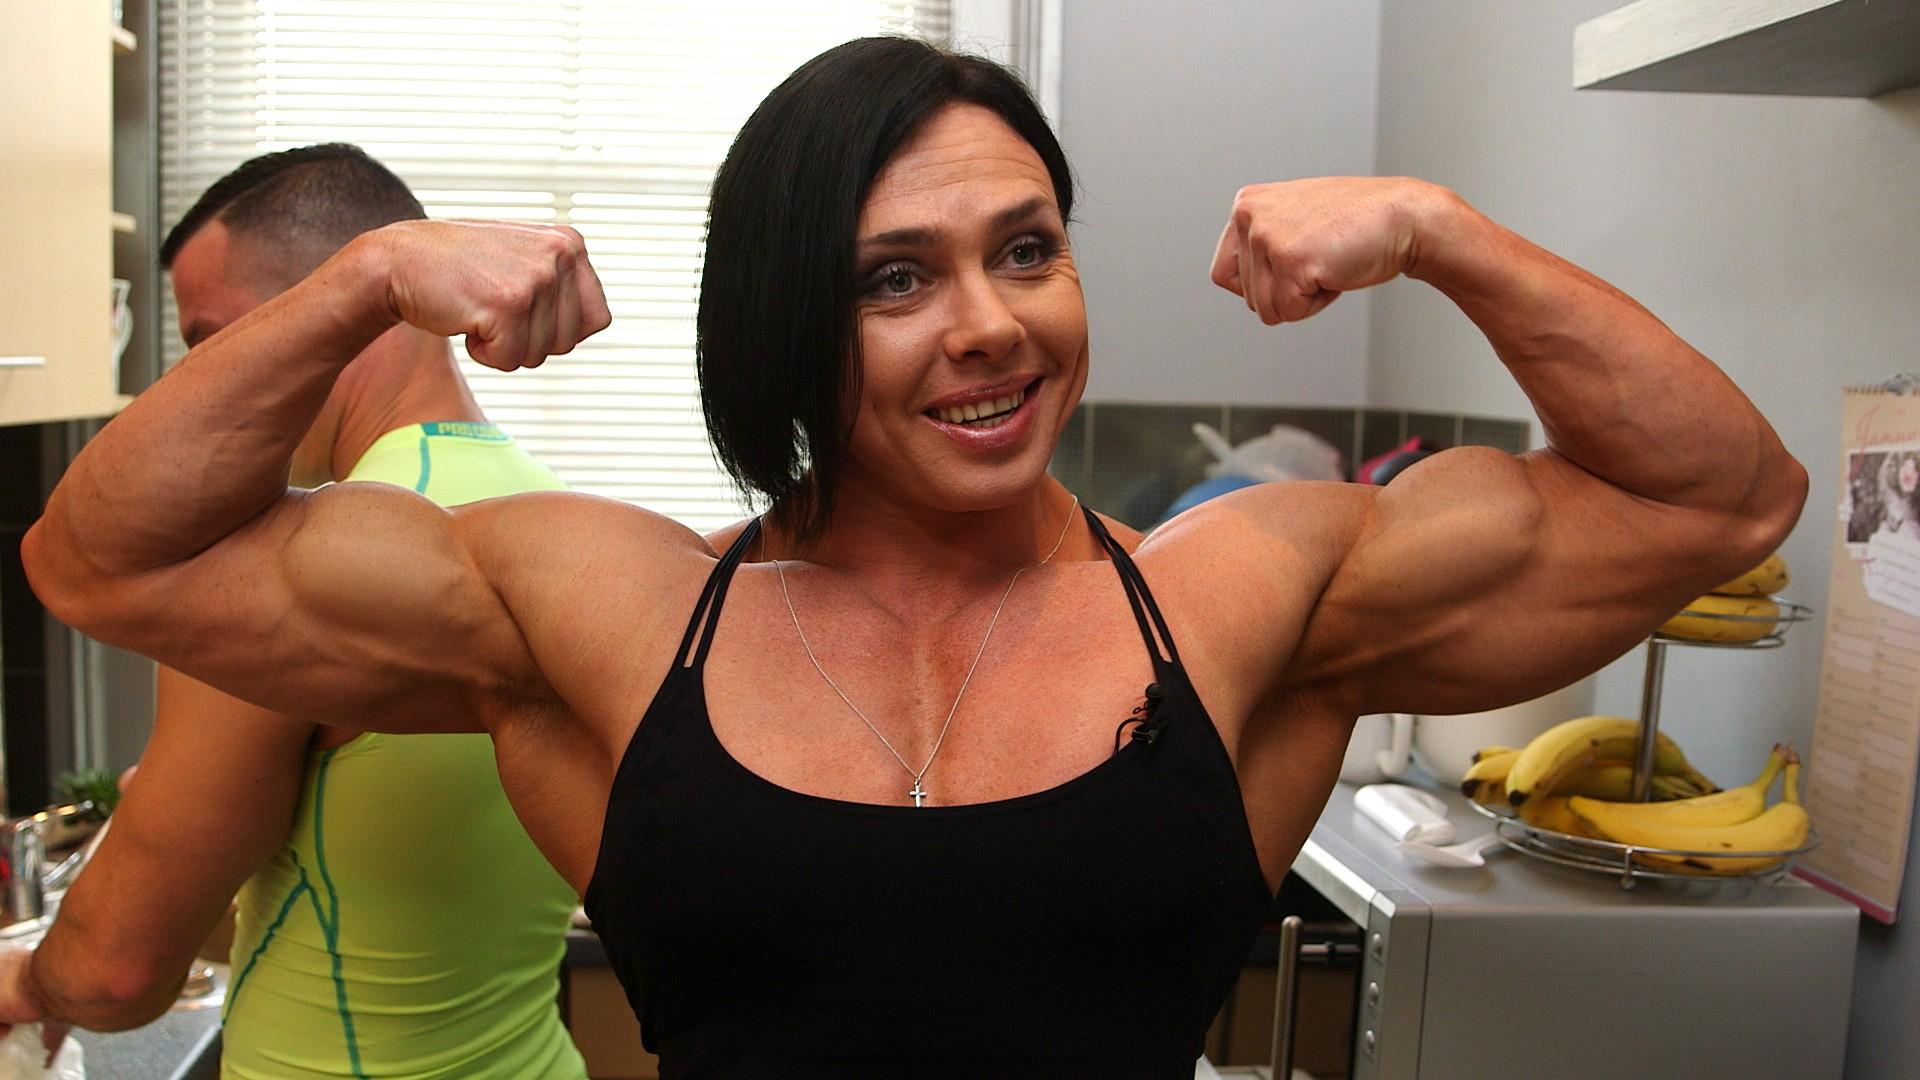 Самые накаченные девушки украины, Как выглядит самая мускулистая девушка в мире 27 фотография